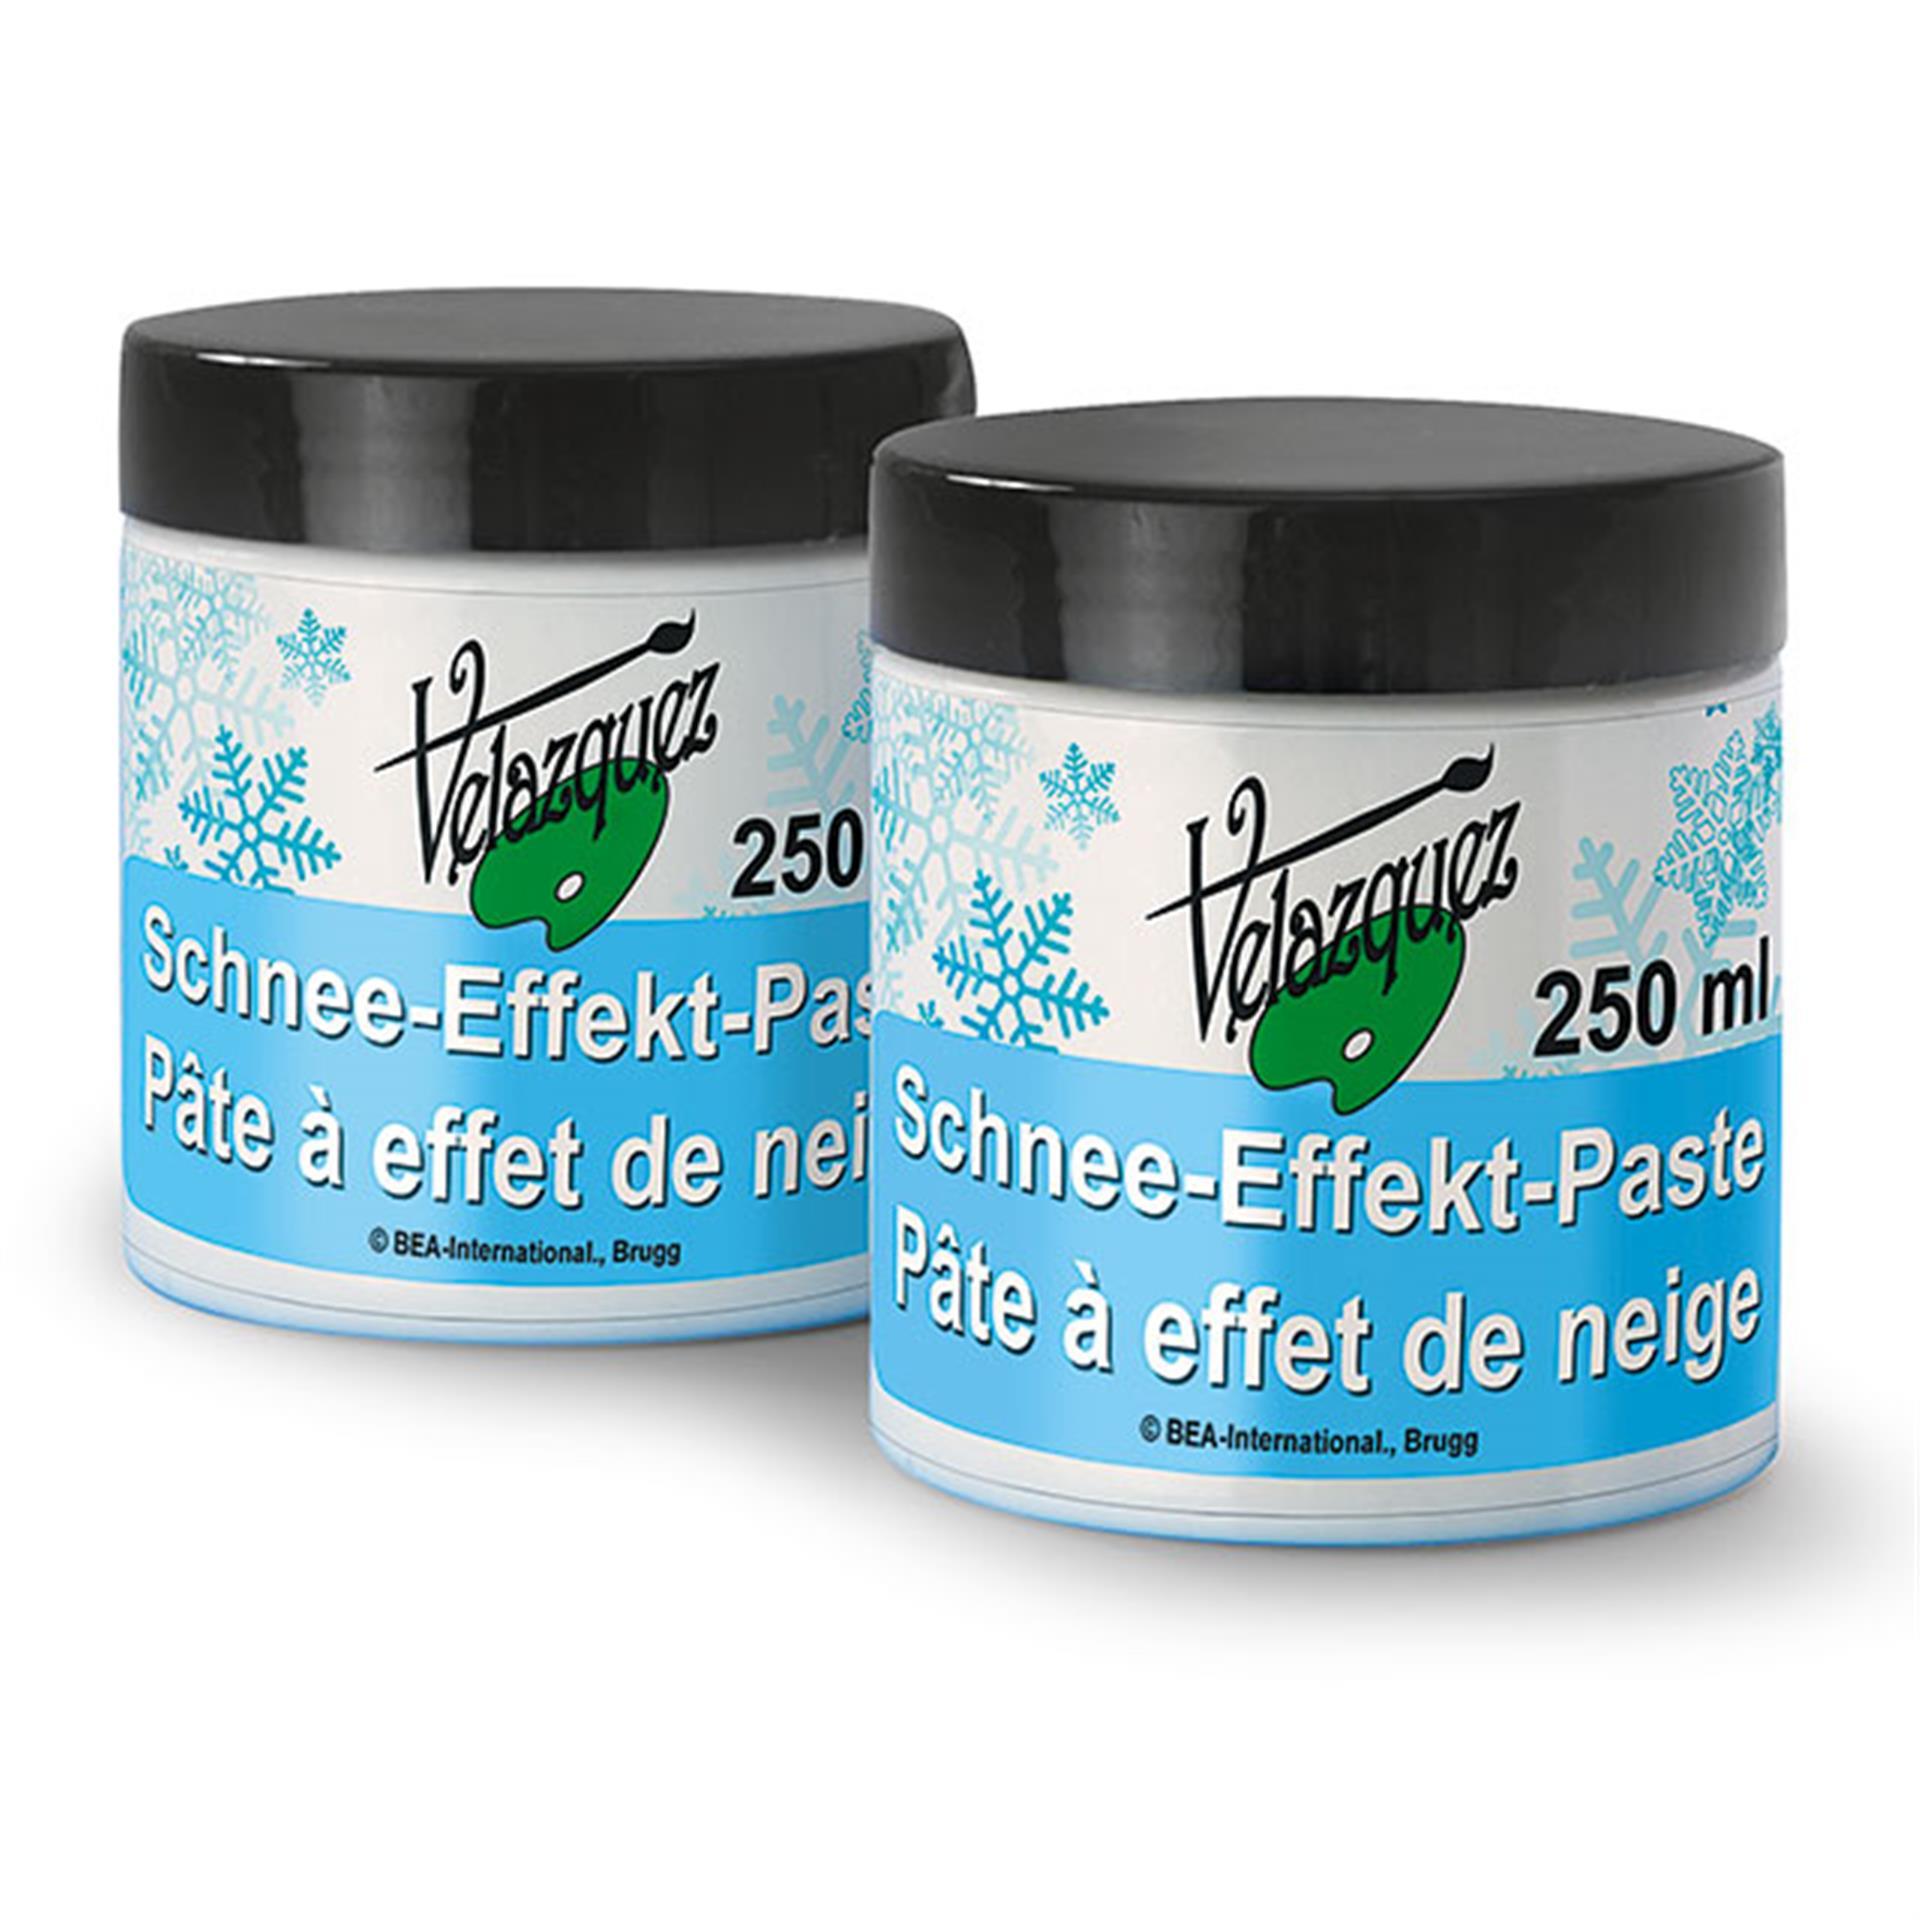 Struktur Schnee Paste 2 Stk. à 250 ml